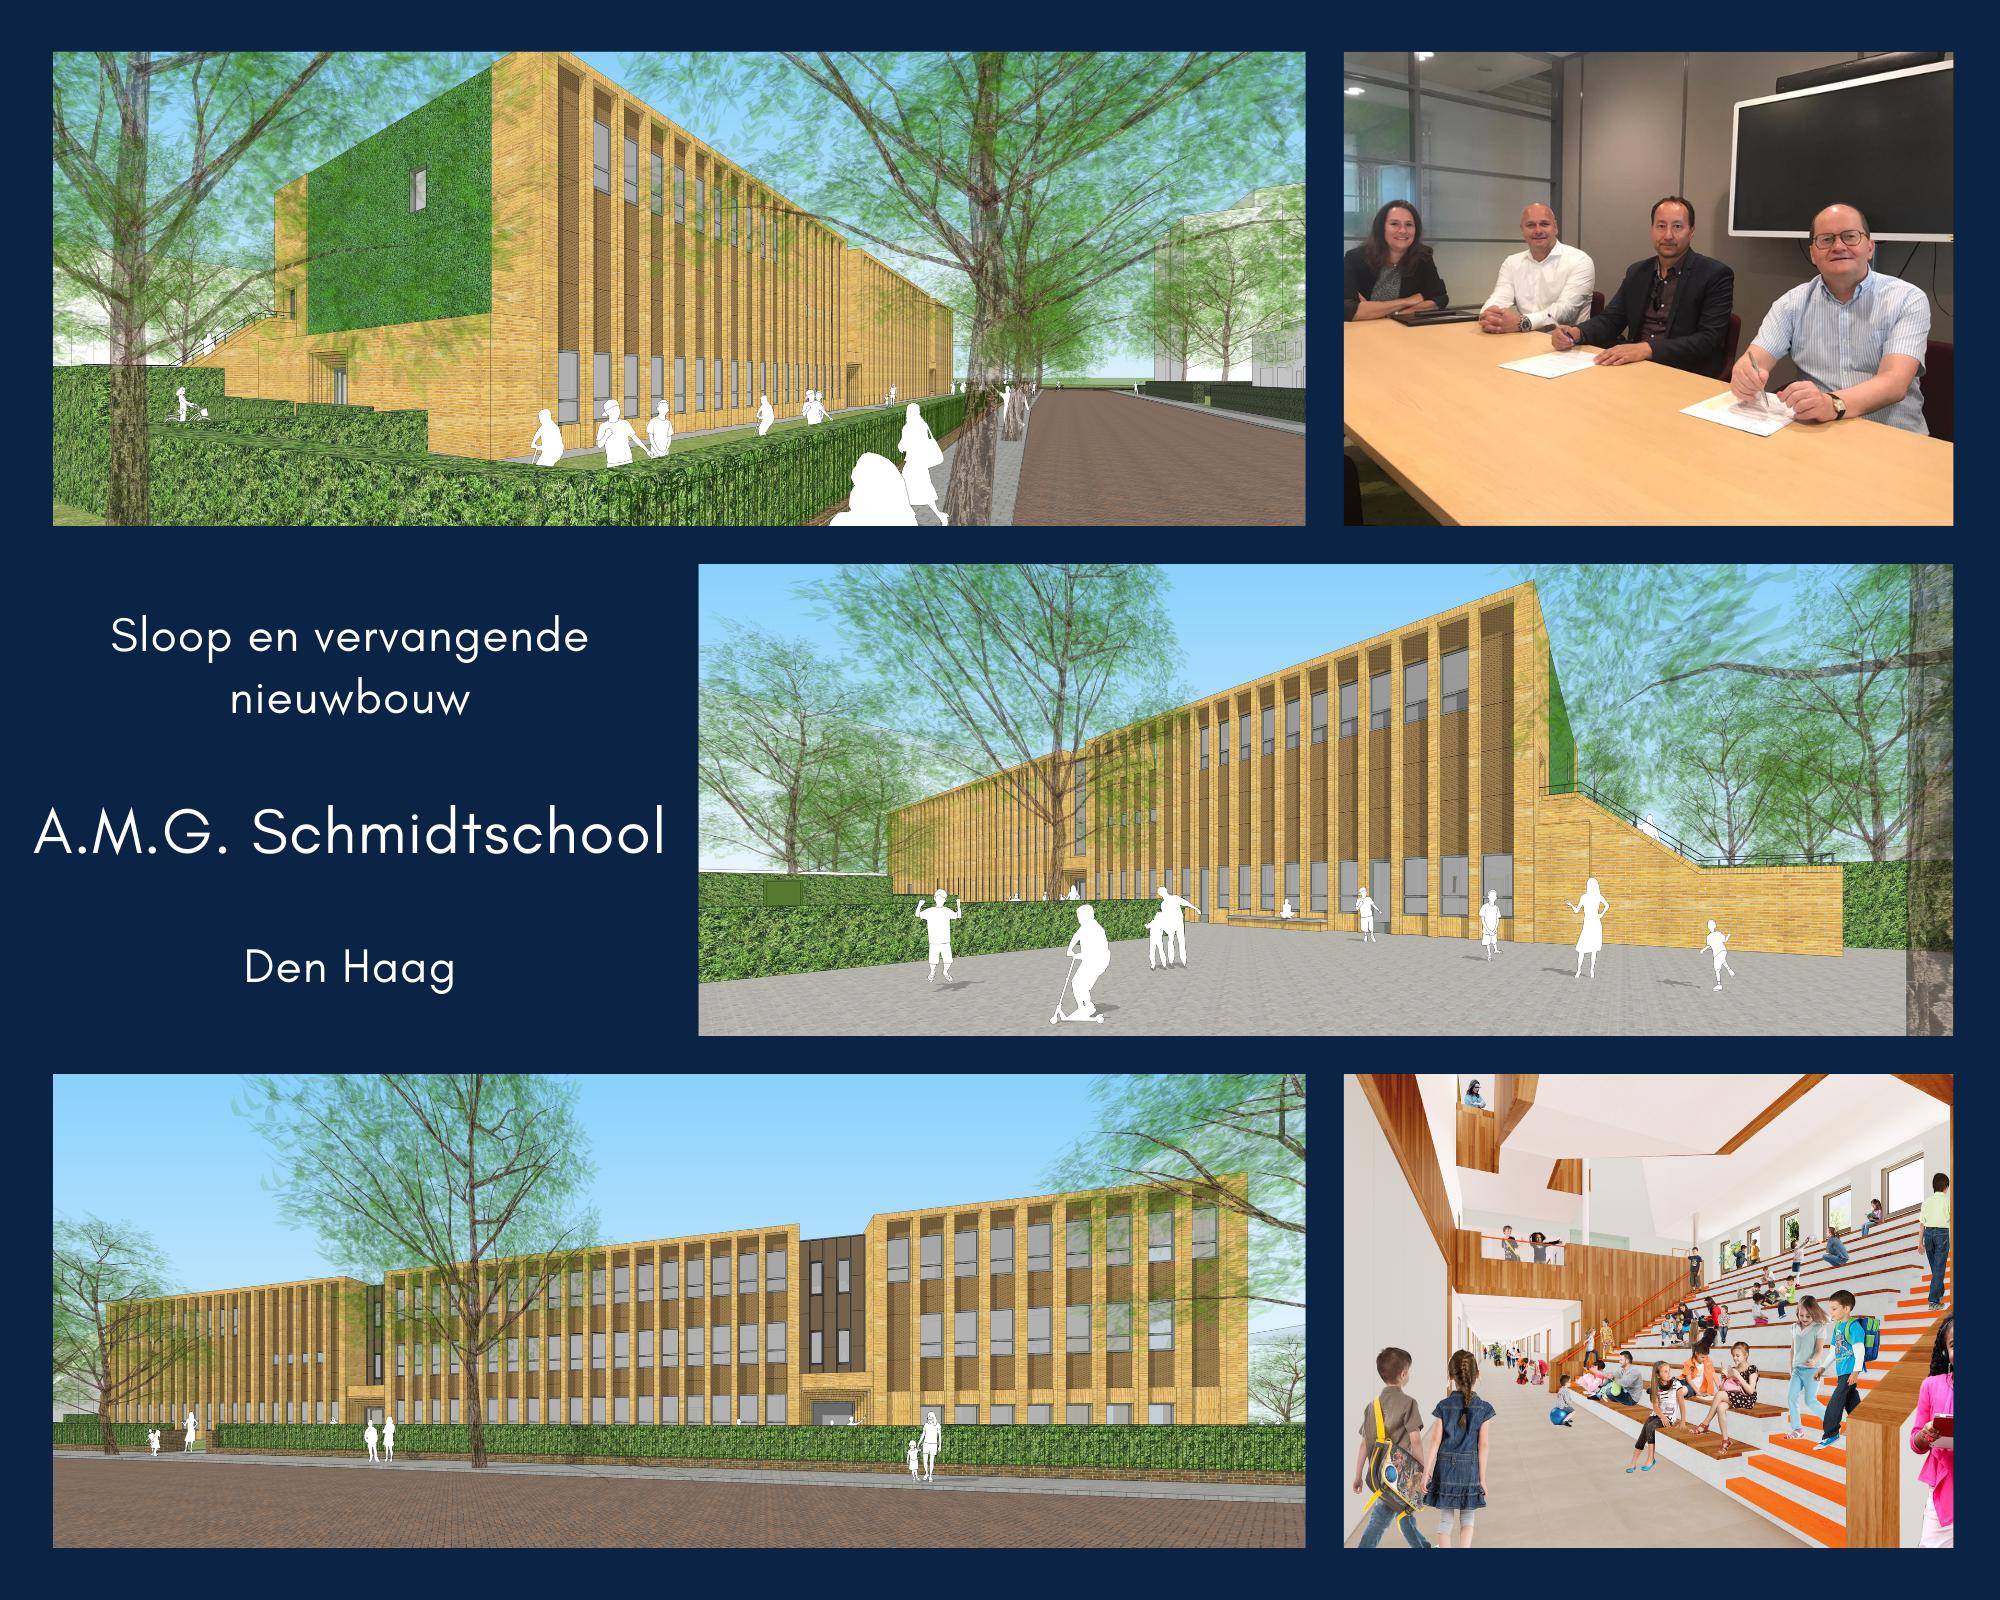 Nieuwbouw A.M.G. Schmidtschool